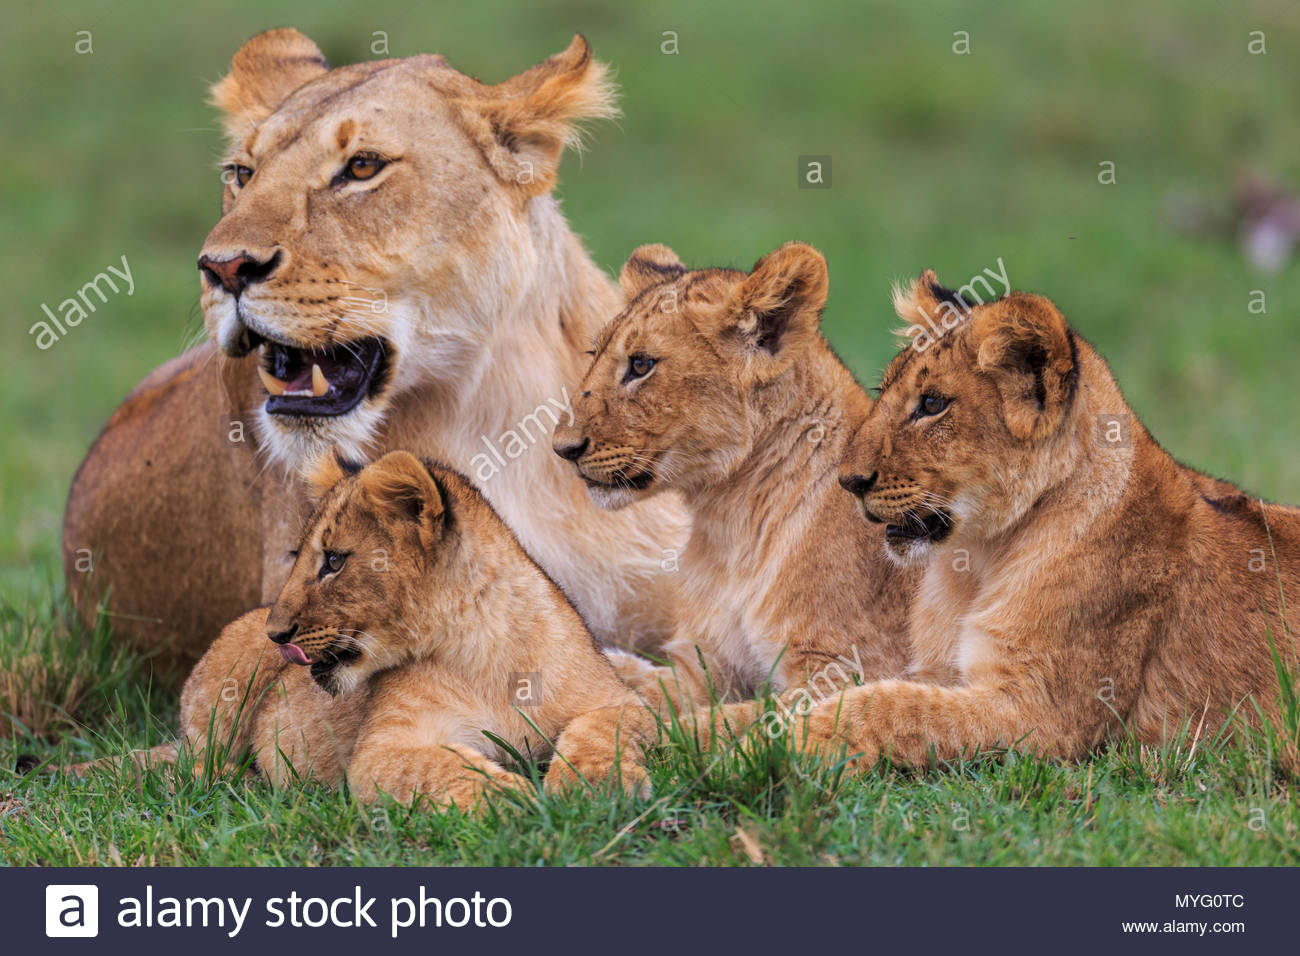 Alert Löwin und Jungen lag im Gras. Stockbild